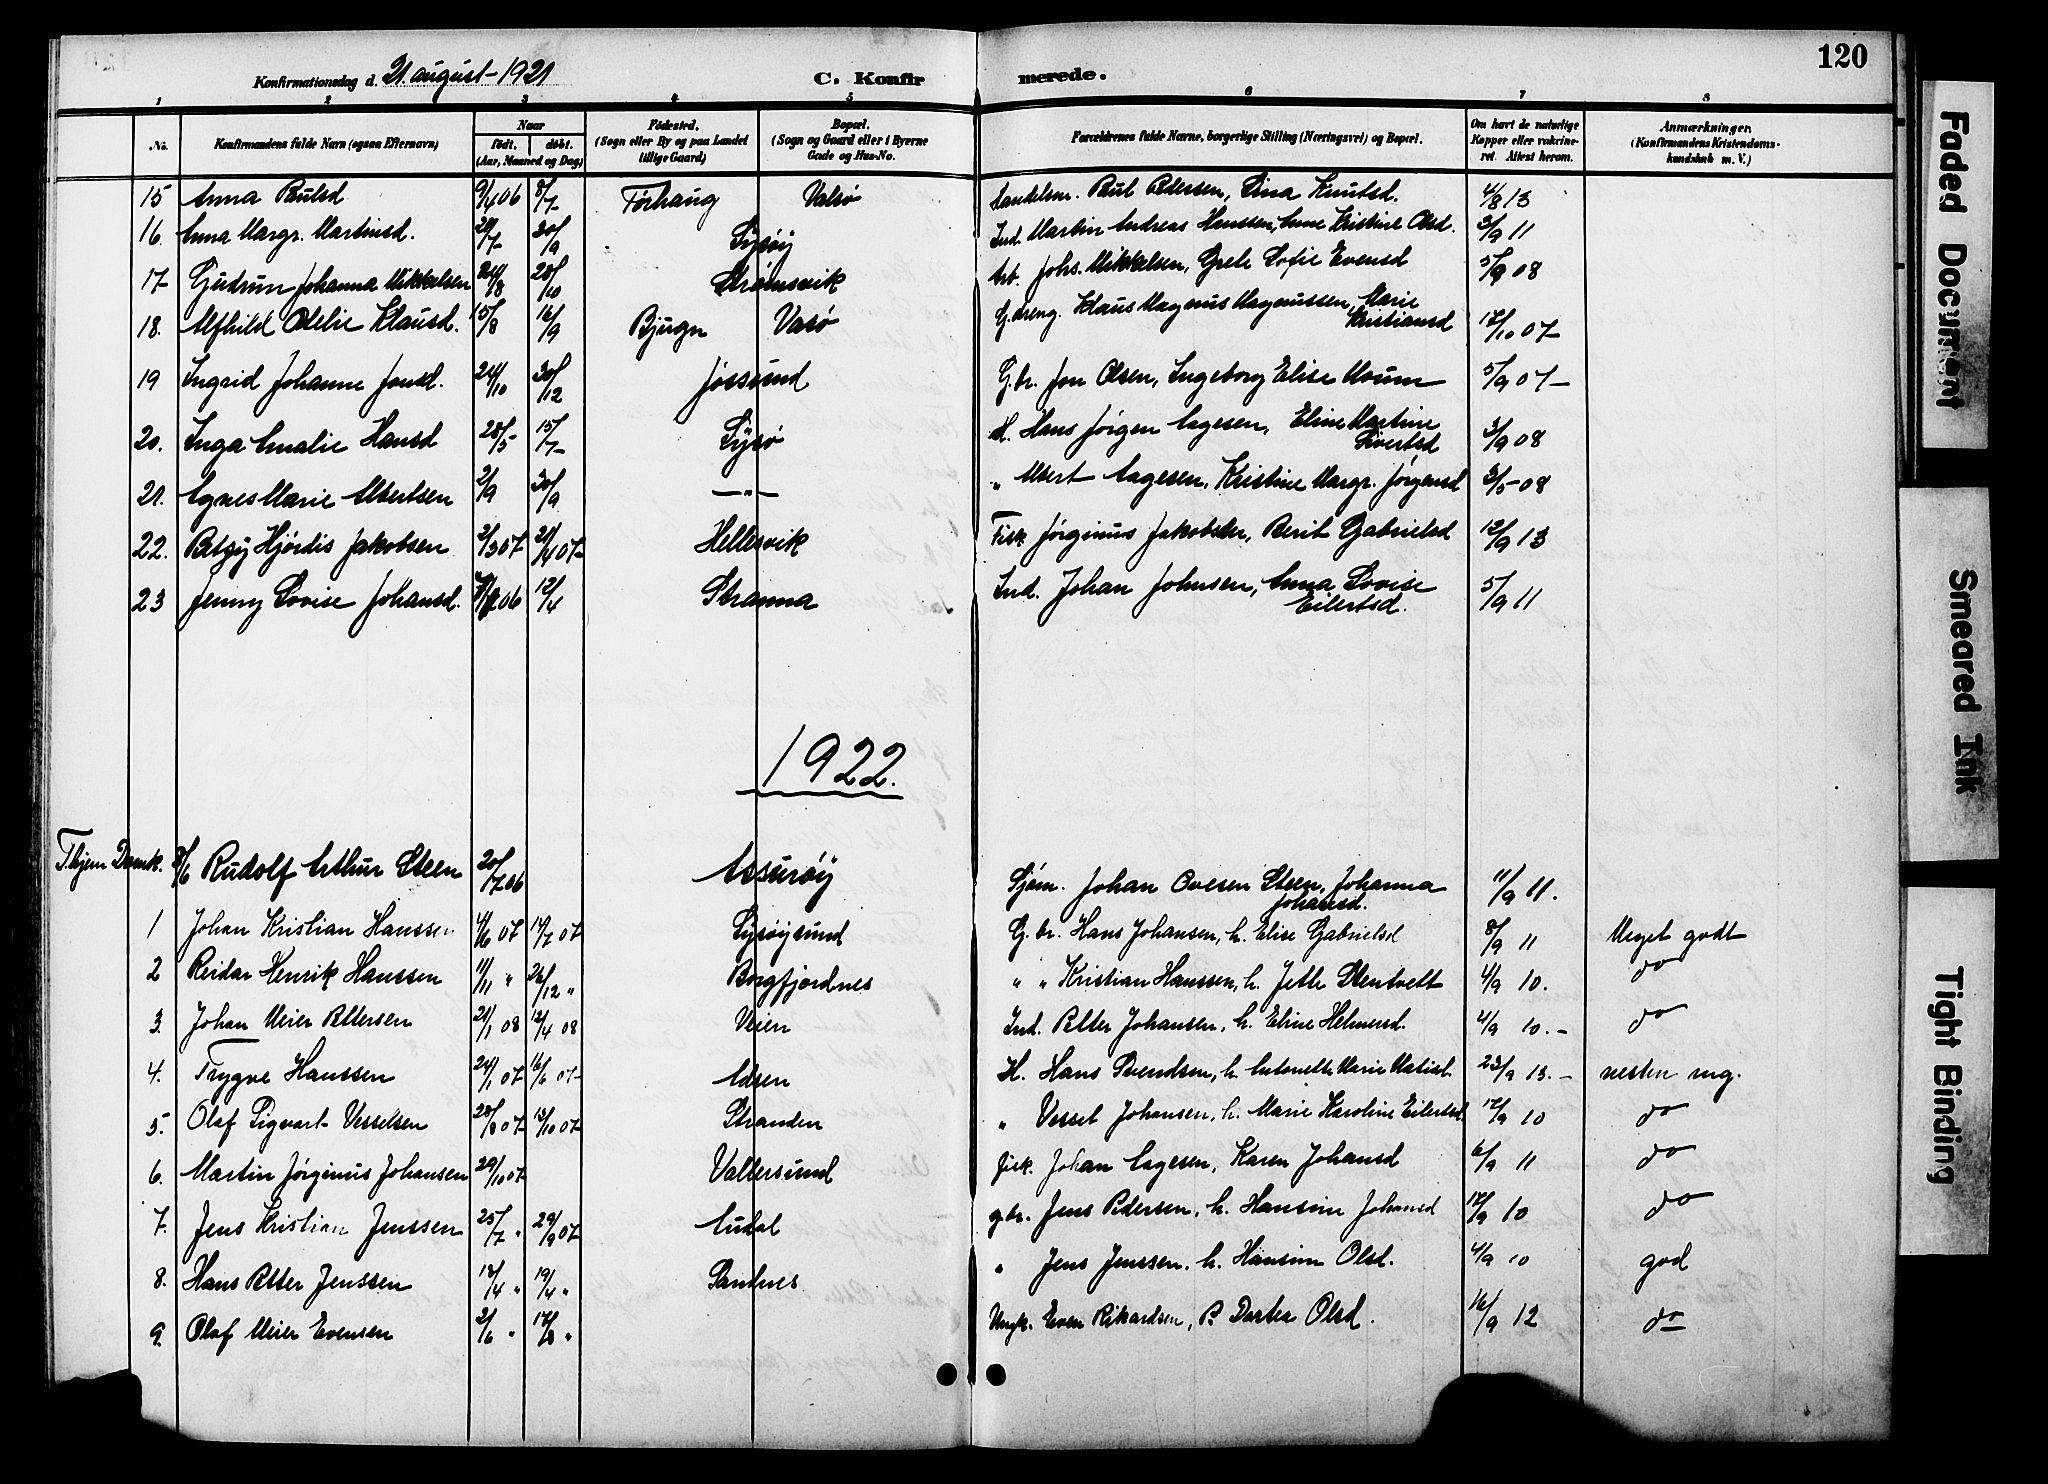 SAT, Ministerialprotokoller, klokkerbøker og fødselsregistre - Sør-Trøndelag, 654/L0666: Klokkerbok nr. 654C02, 1901-1925, s. 120